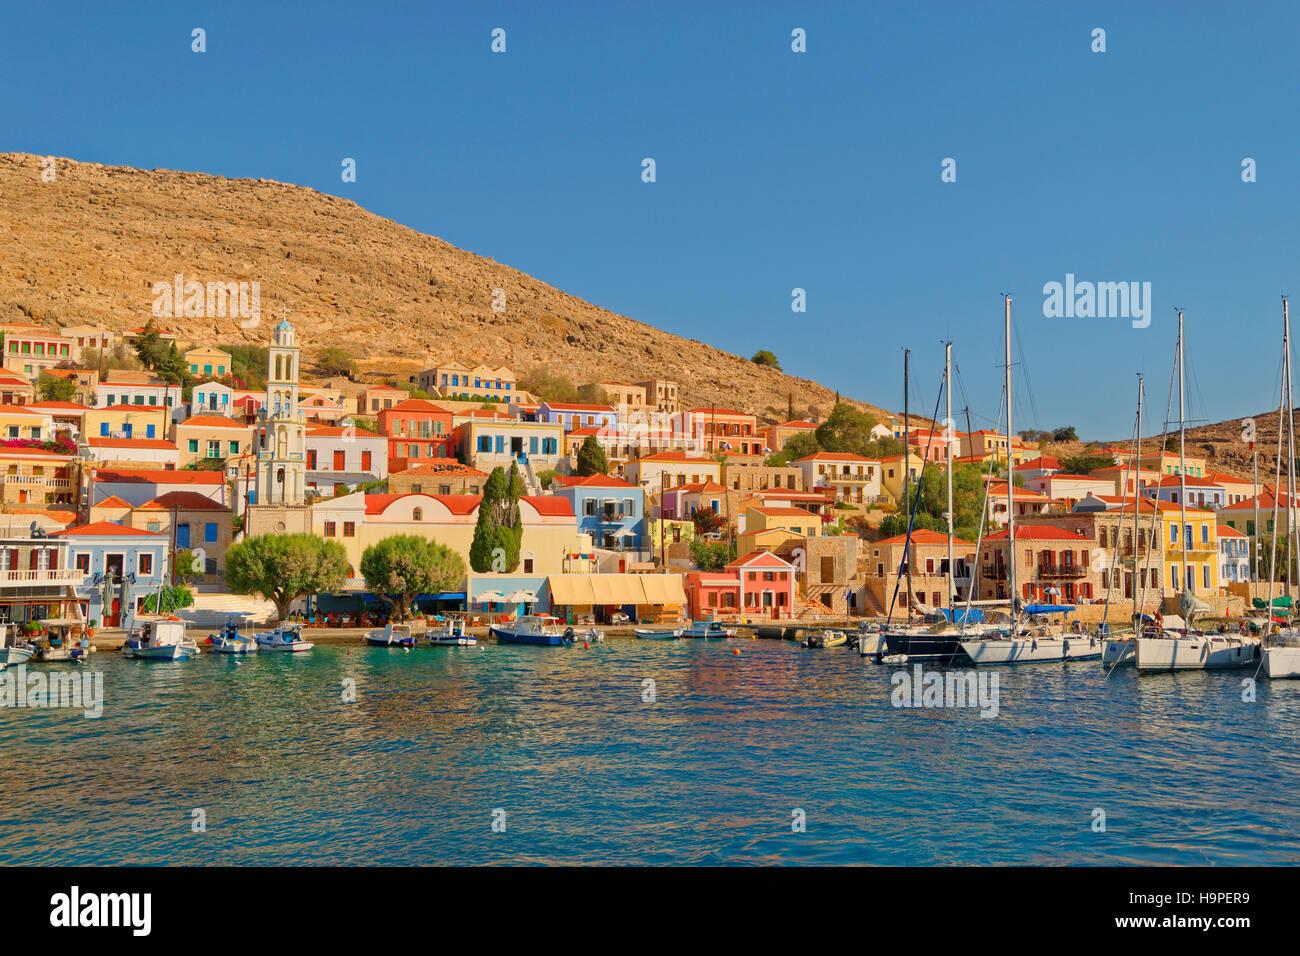 Chalki Town en la isla griega de Chalki situado frente a la costa norte de la isla de Rodas, en el Dodecaneso grupo, Imagen De Stock